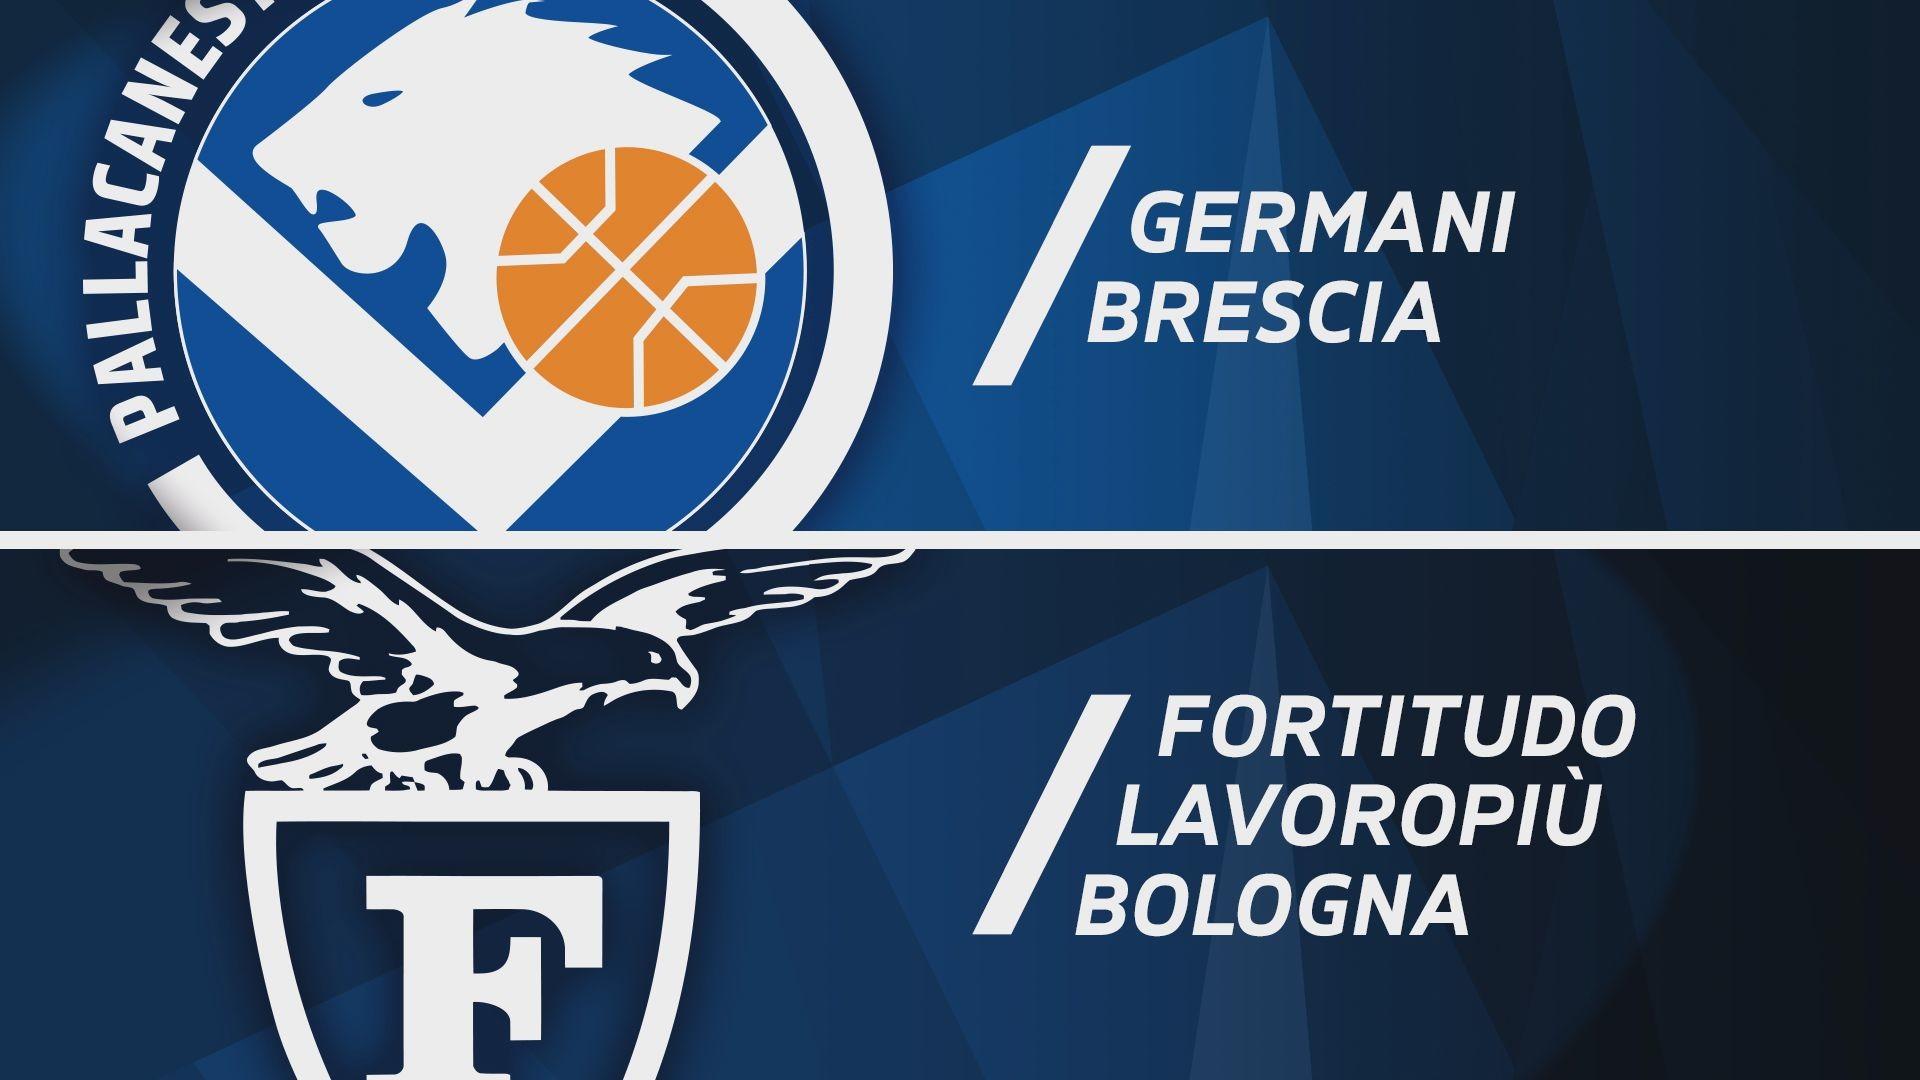 Germani Brescia - Fortitudo Lavoropiù Bologna 99-85